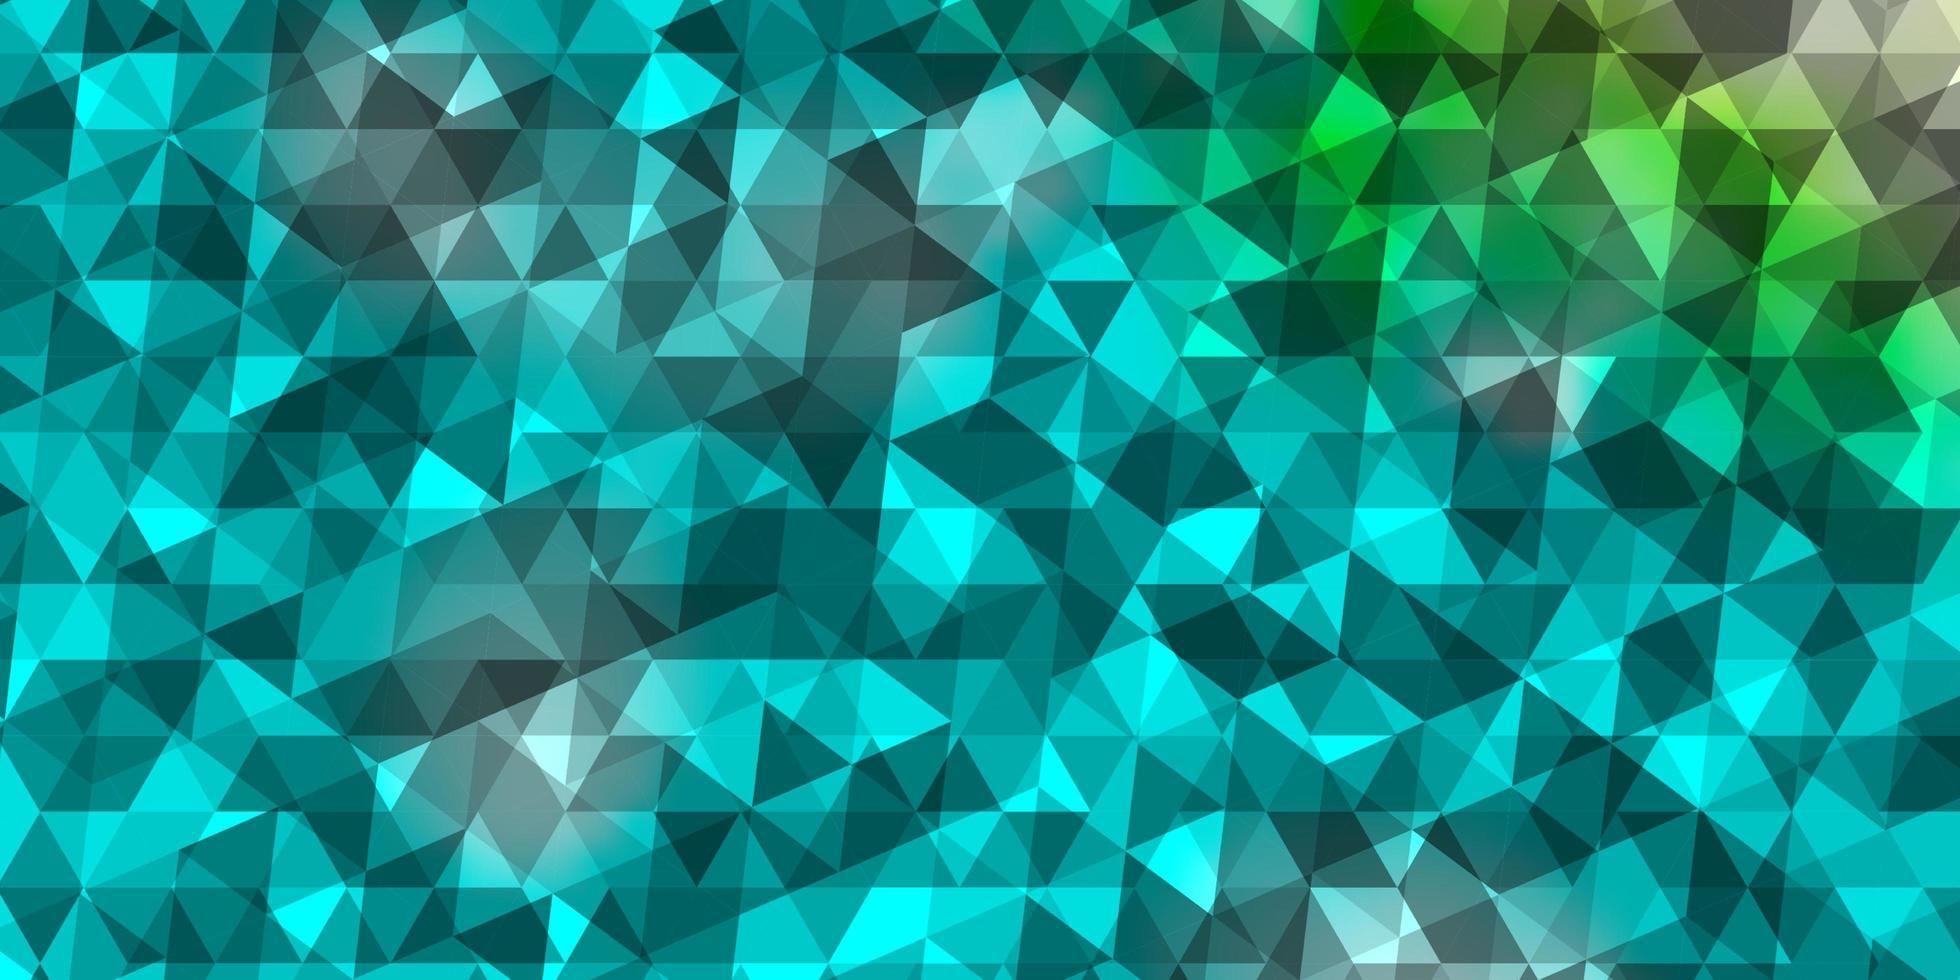 struttura di vettore blu chiaro, verde con stile triangolare.